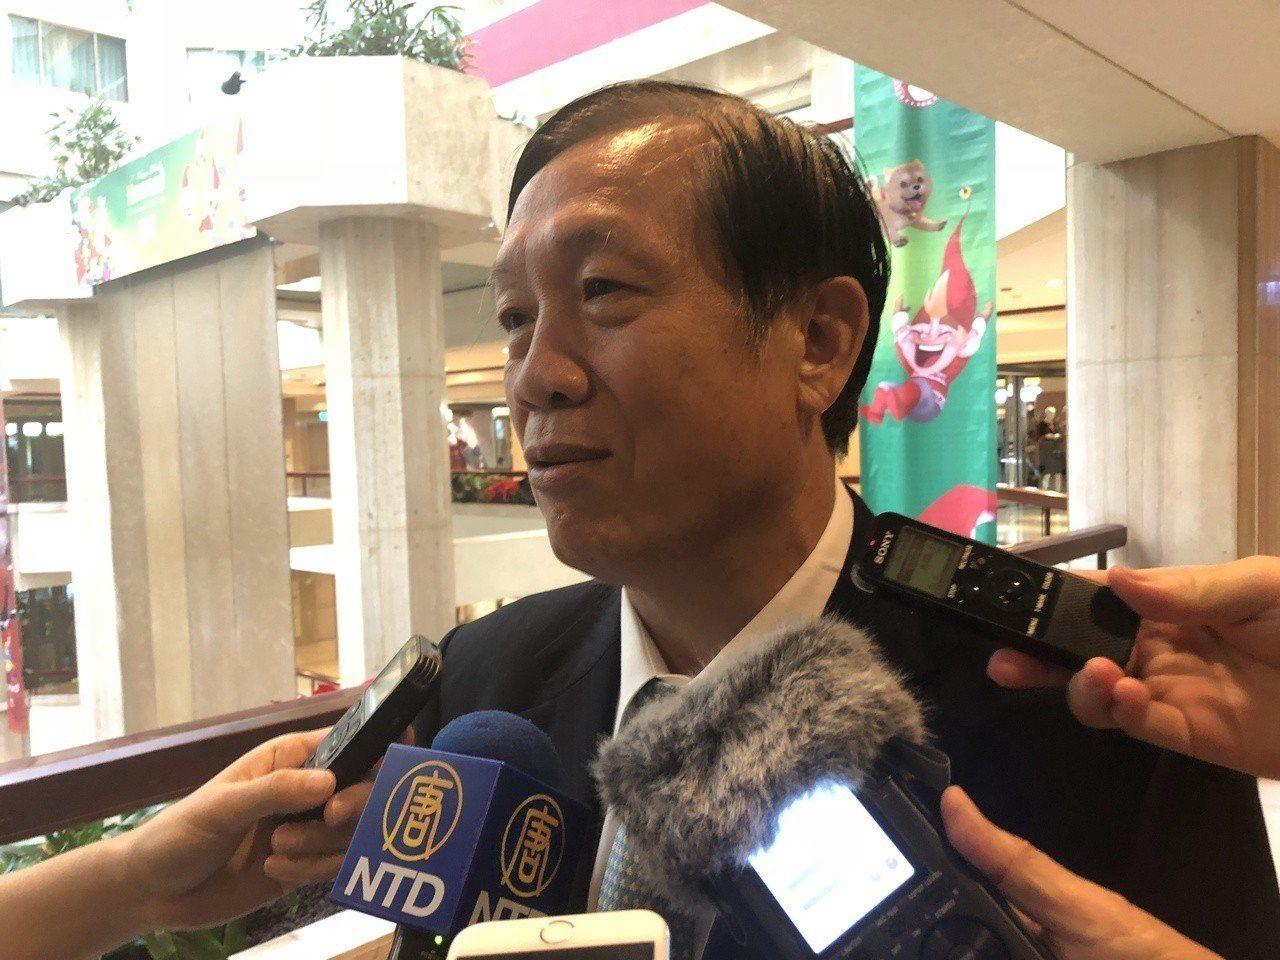 全國商總理事長賴正鎰表示有200家企業表達有意願到高雄投資。記者許依晨/攝影